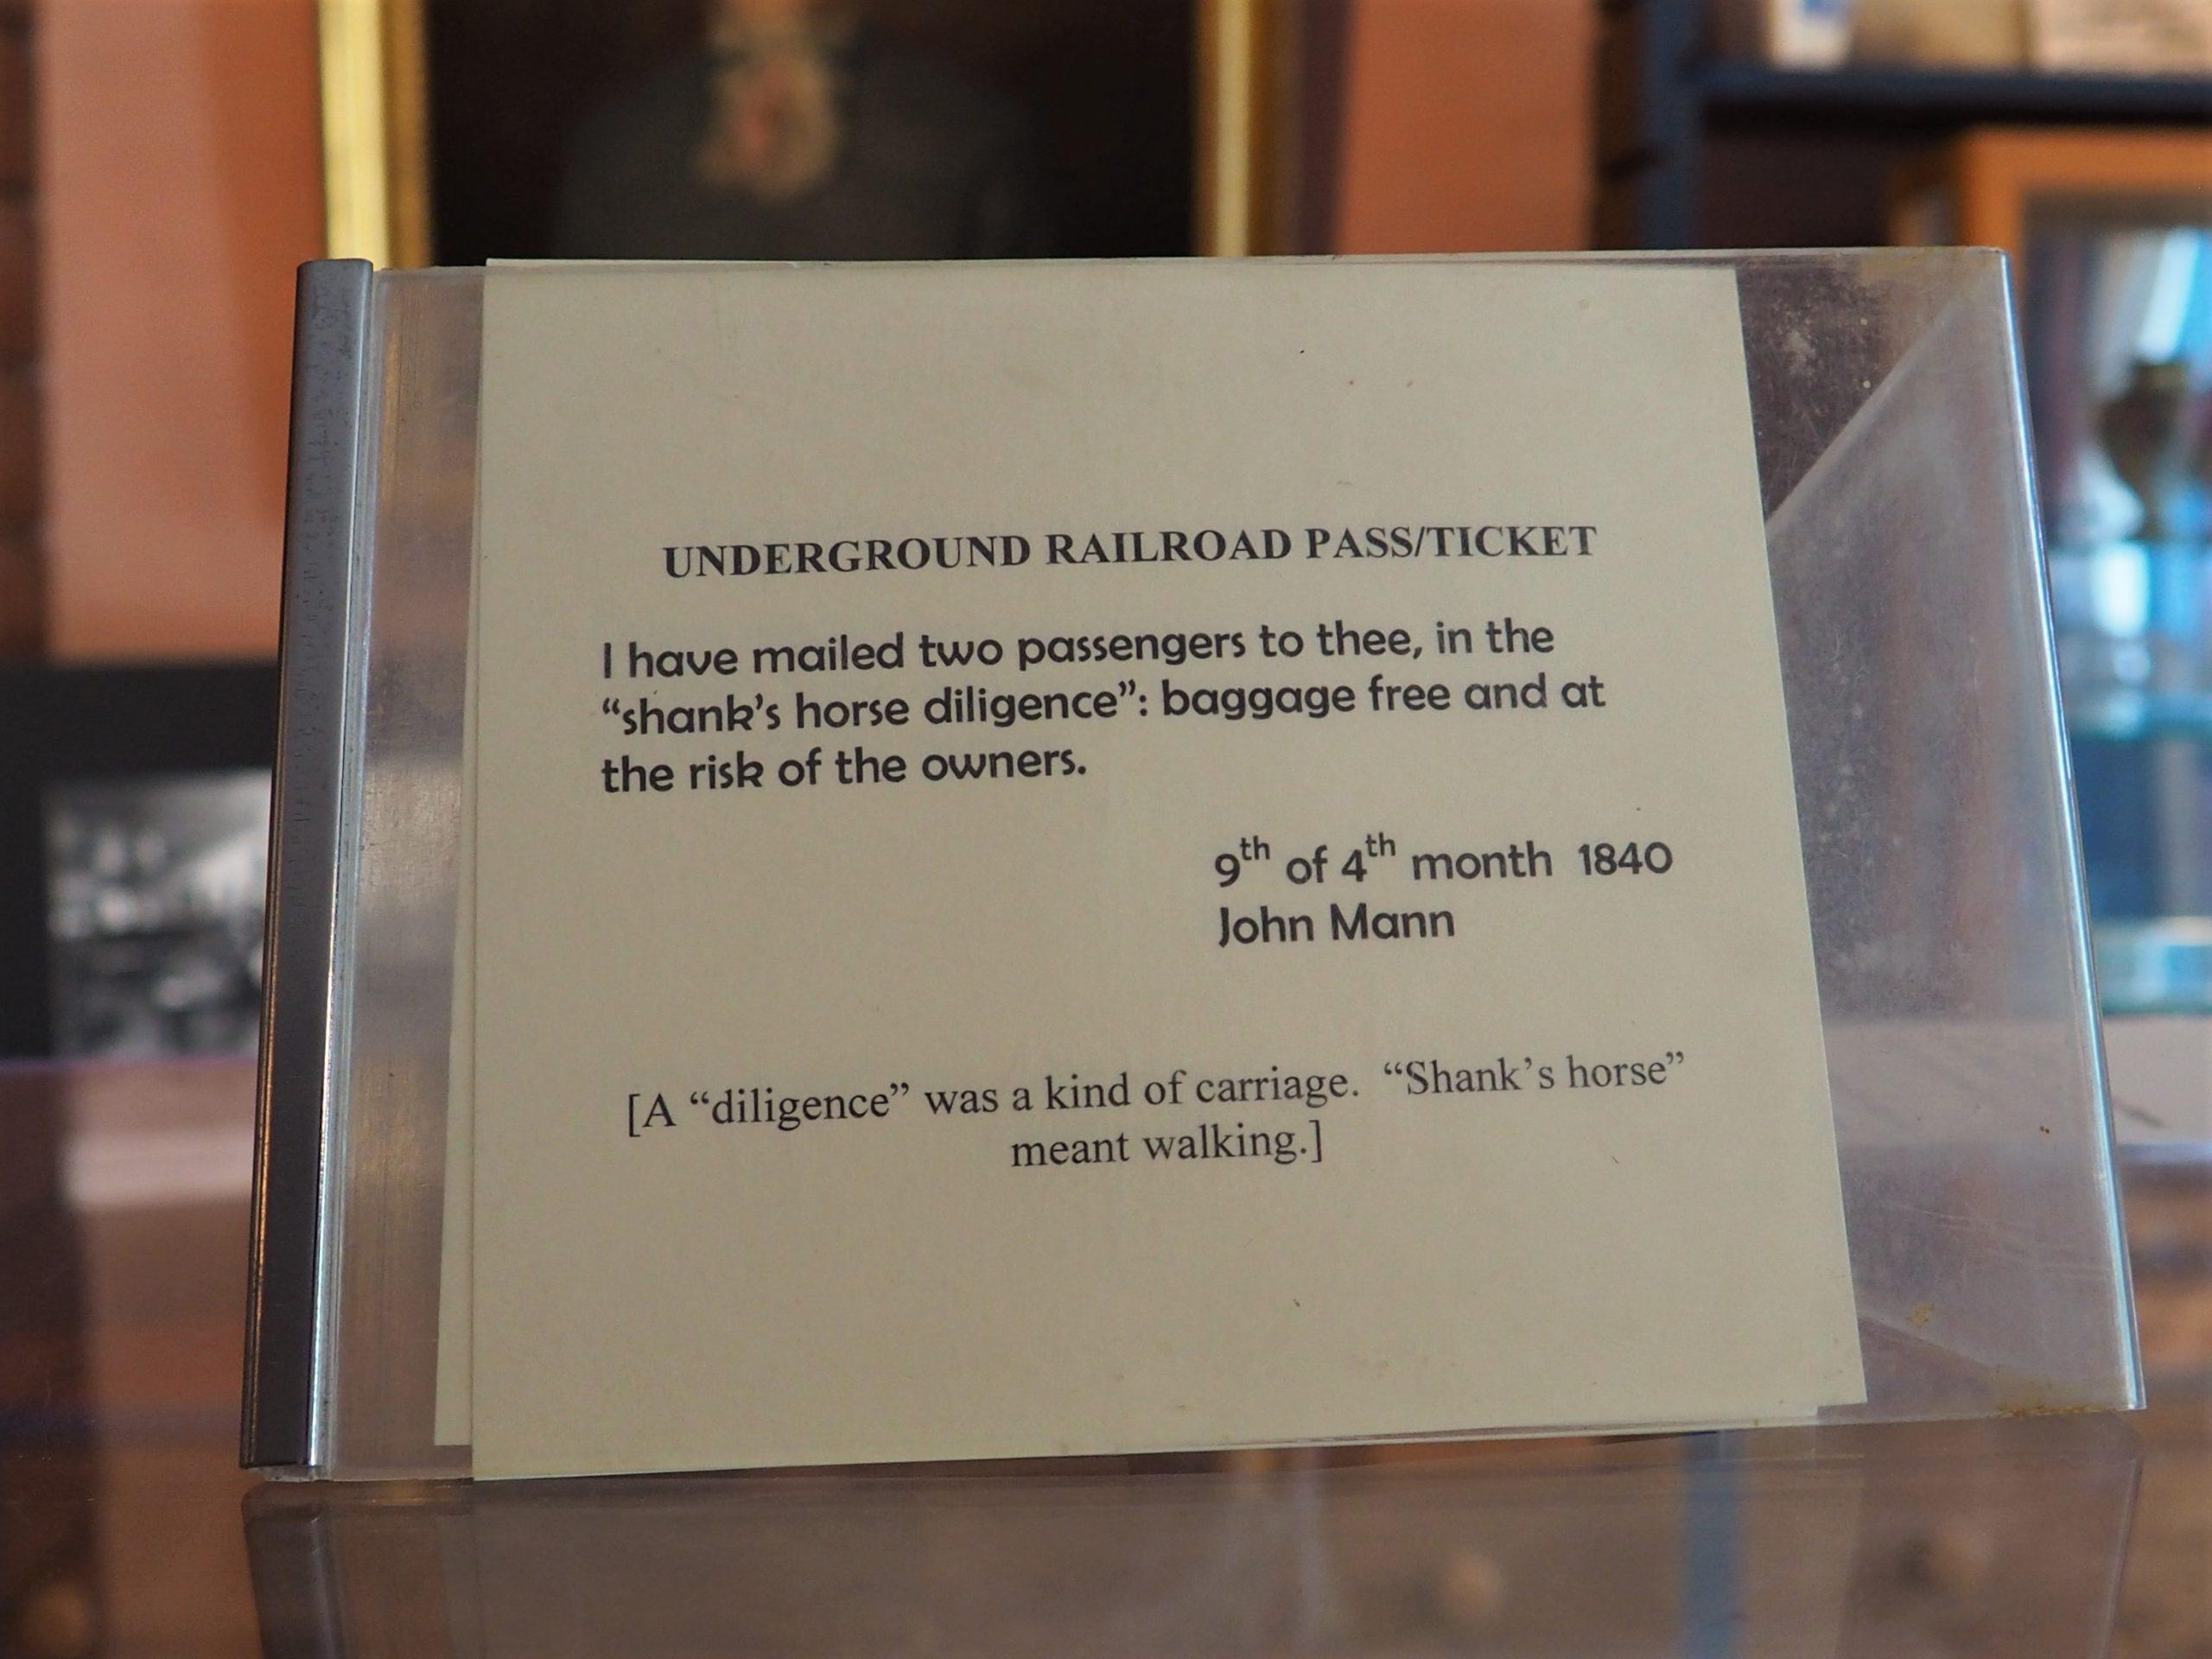 Underground Railroad Ticket Meaning